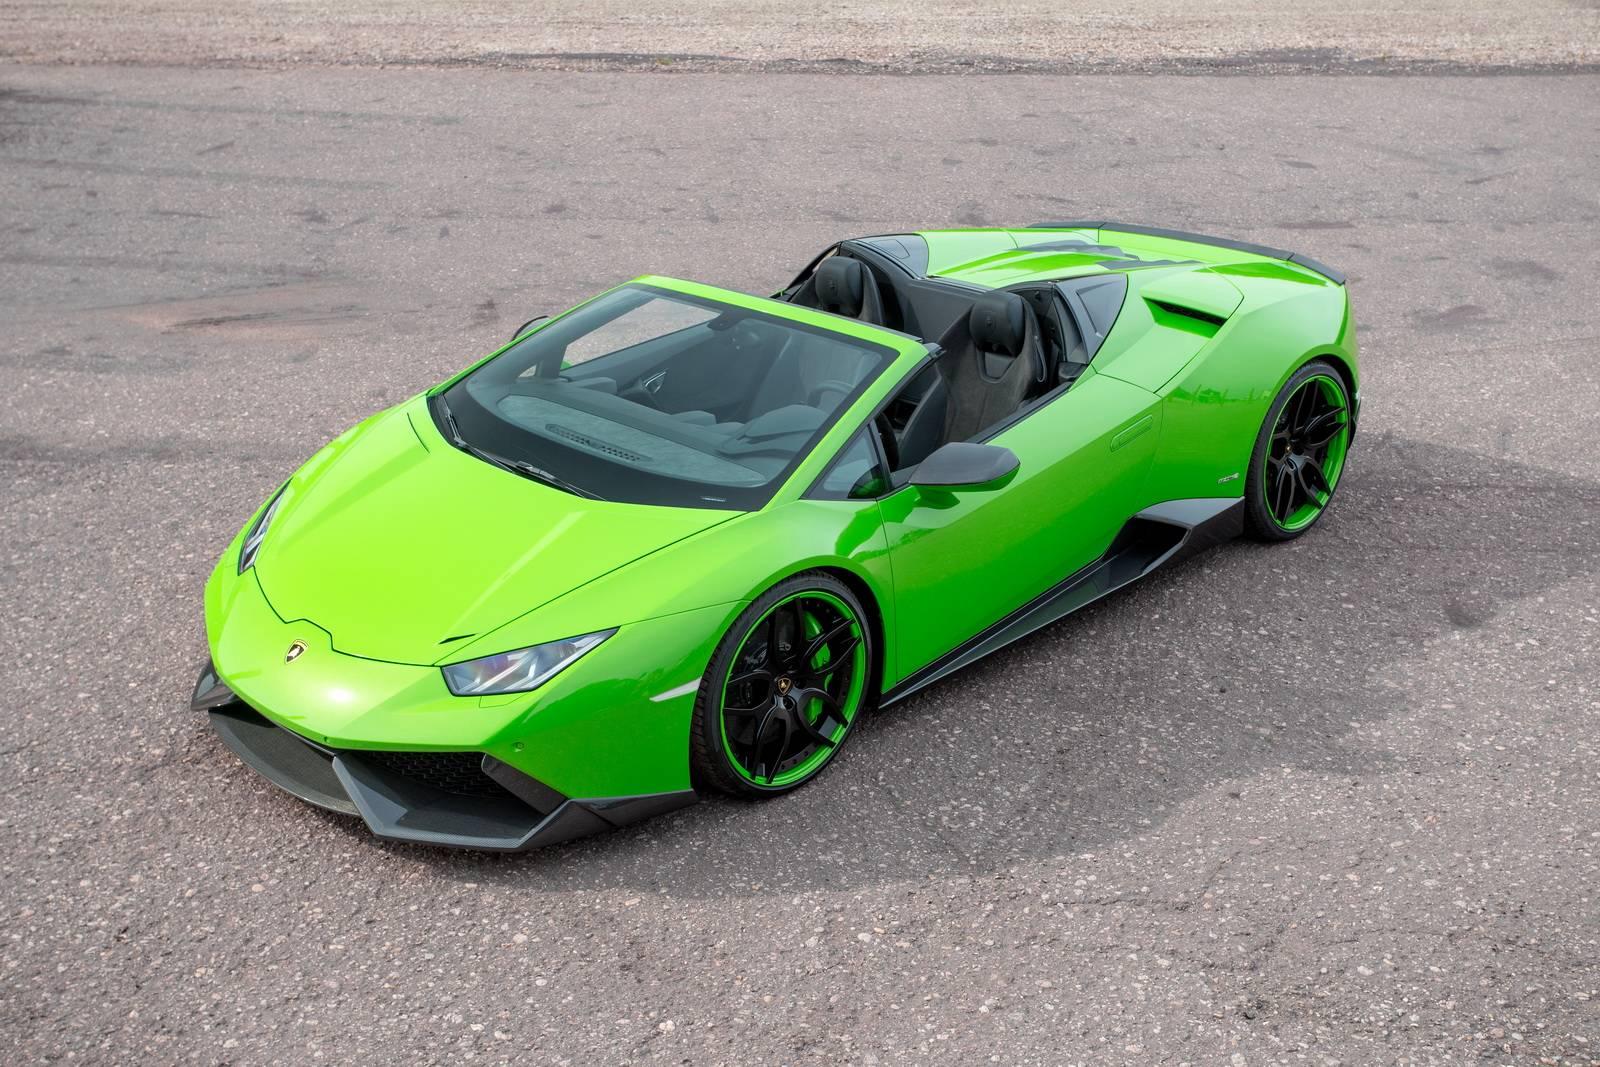 Novitec Torado Lamborghini Huracán Spyder: ¡870 CV que dan mucho miedo!